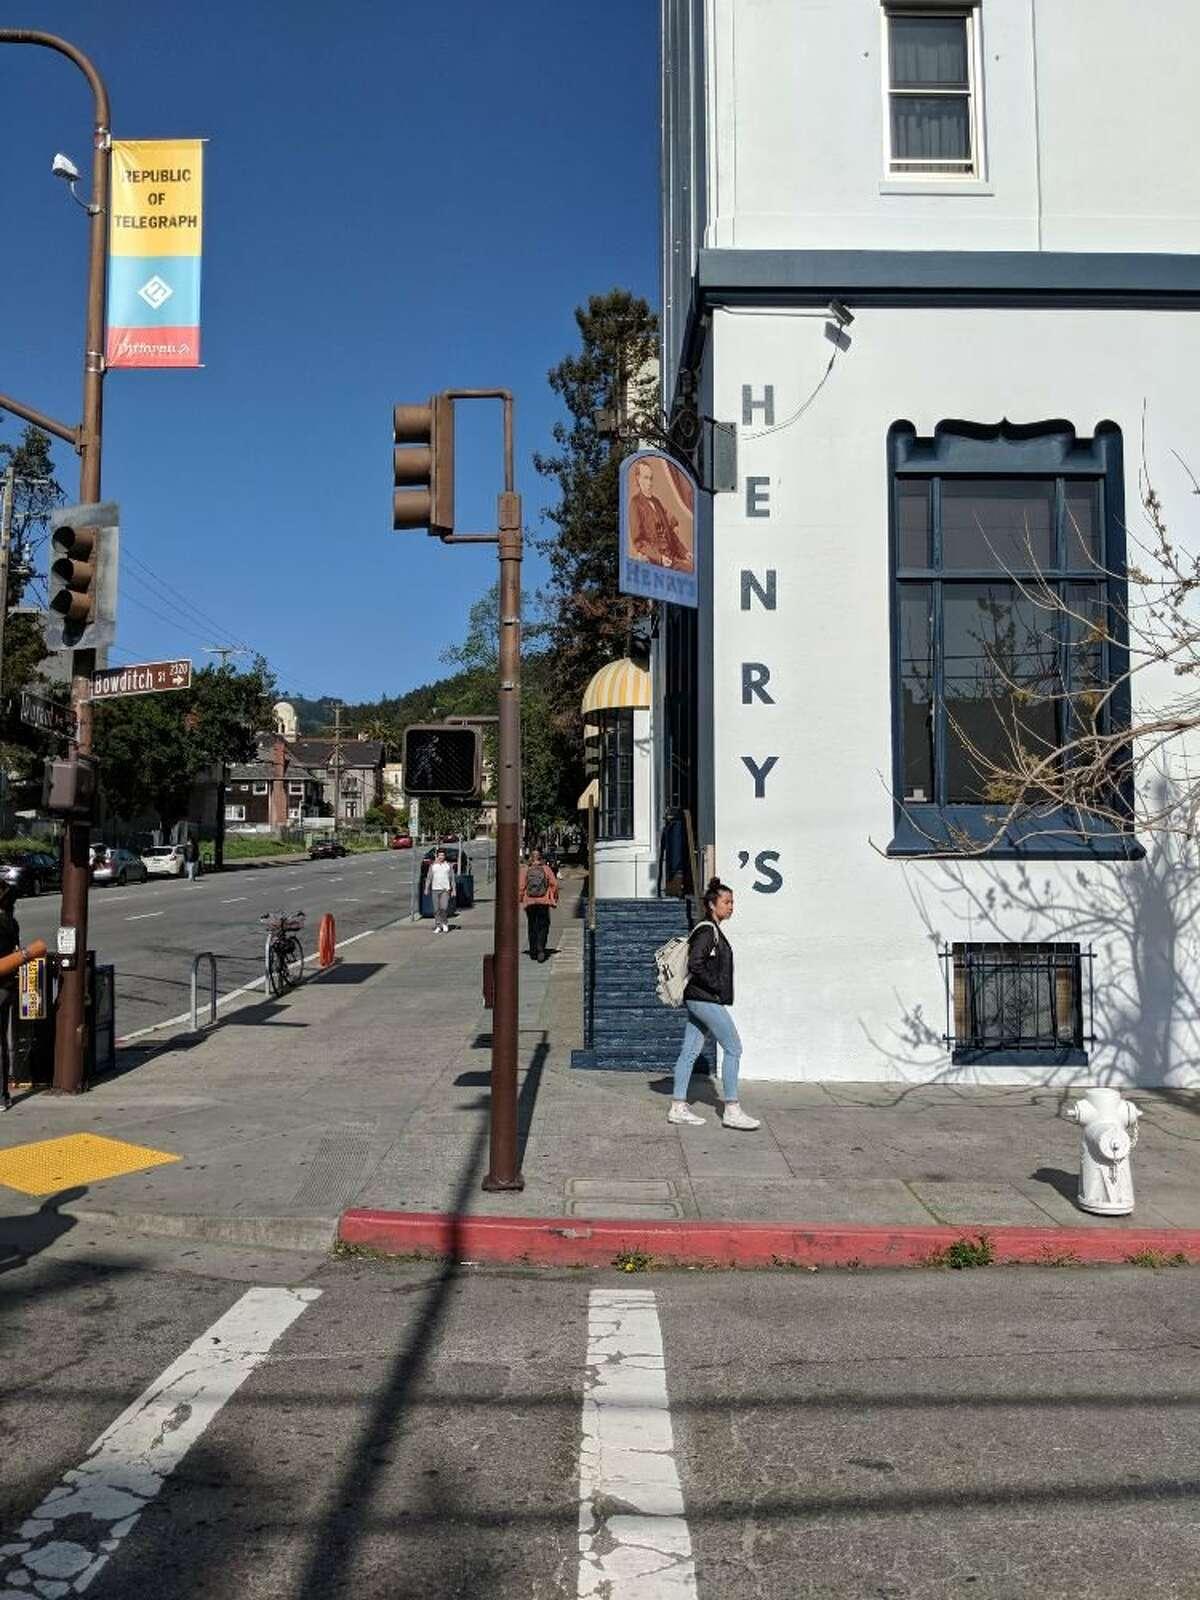 10. Henry's, restaurant in Berkeley